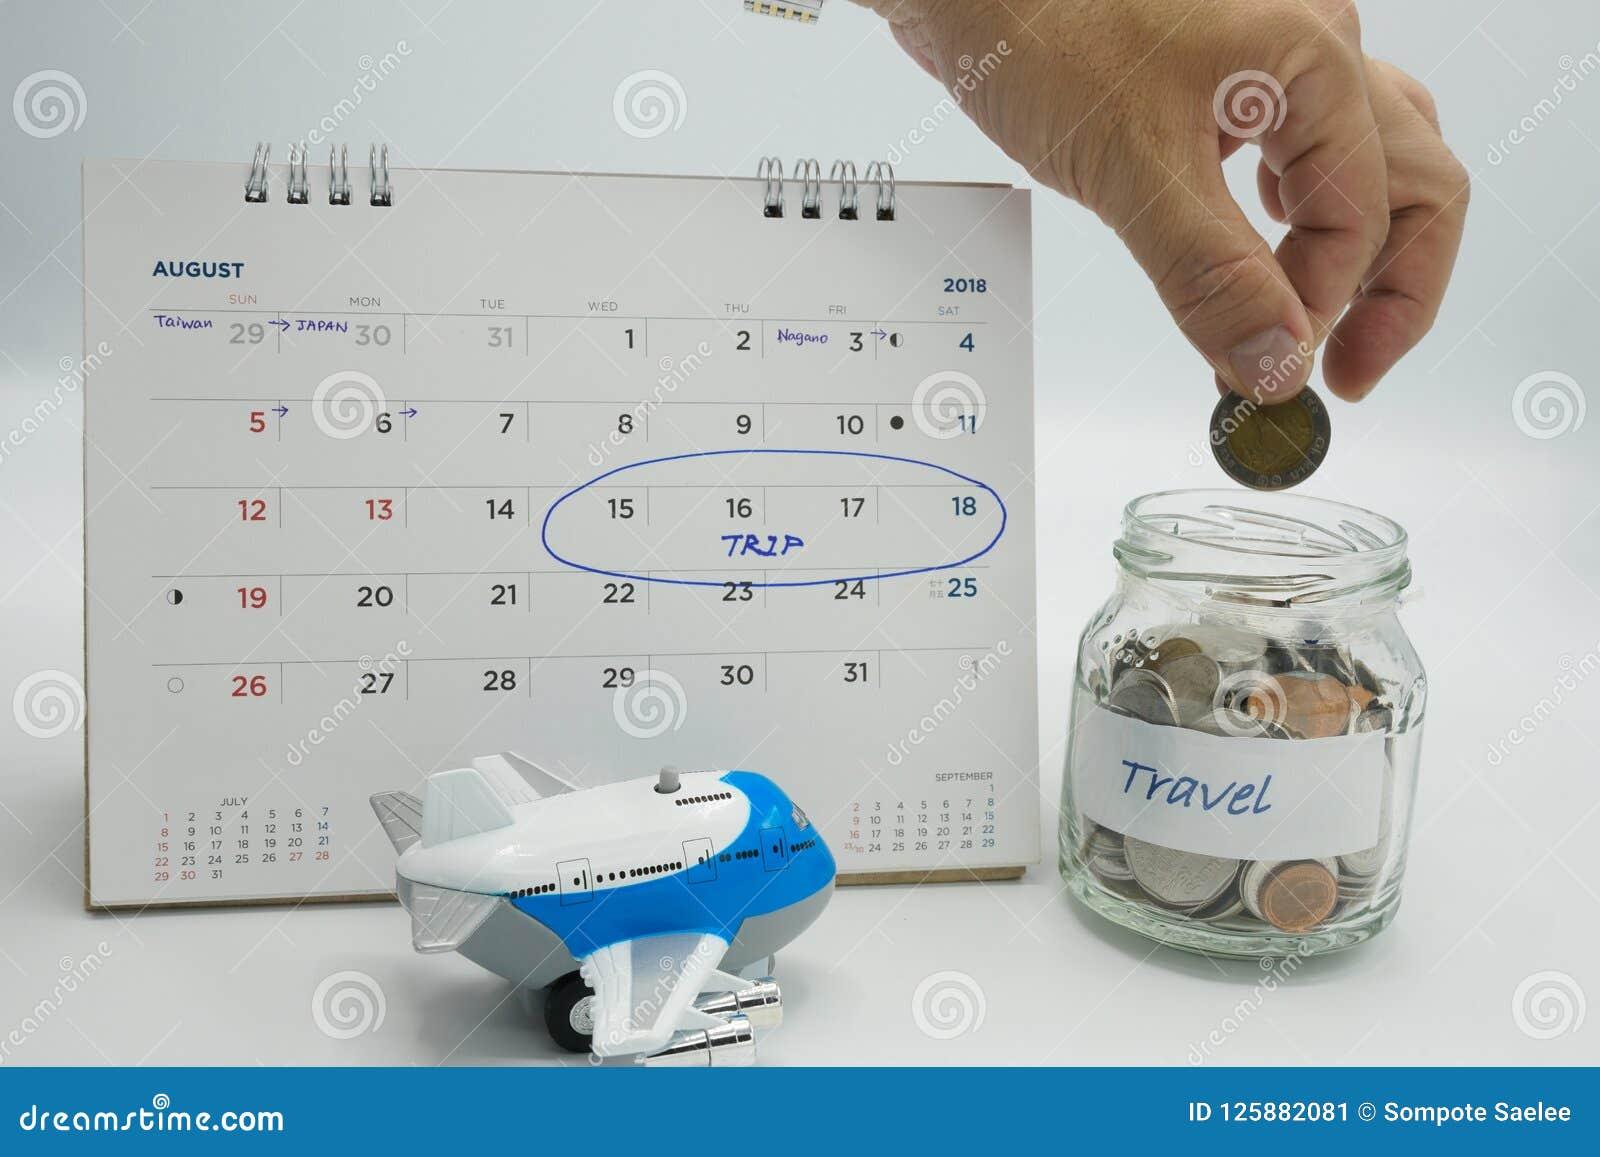 Une main mettant une pièce de monnaie dans un pot en verre rempli de pièces de monnaie marquées voyagent